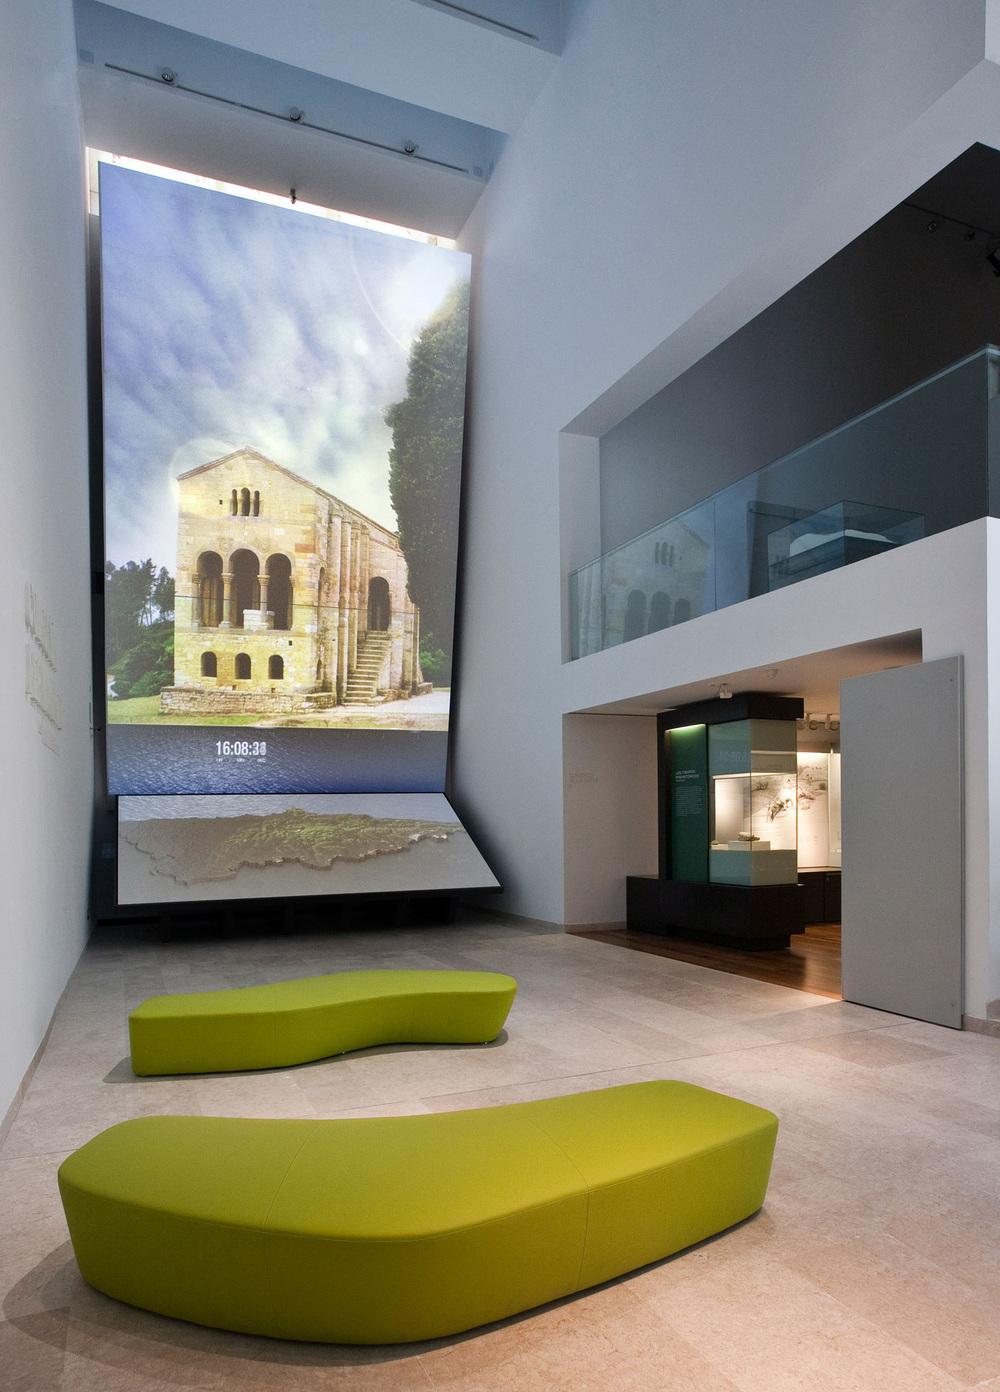 Museo_Arqueologico_Asturias_1.jpg